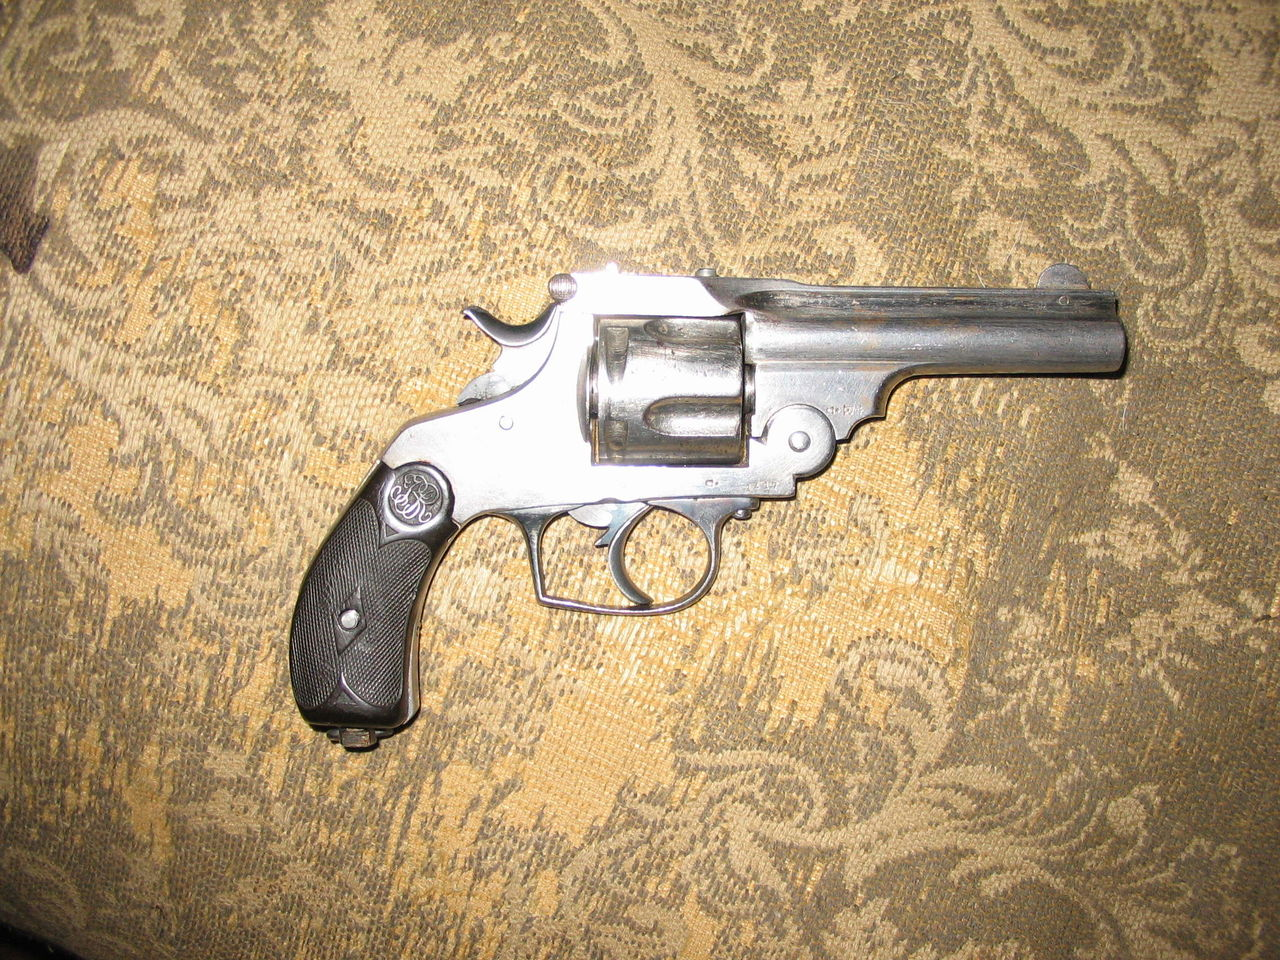 Револьвер фирмы ансьон-маркс